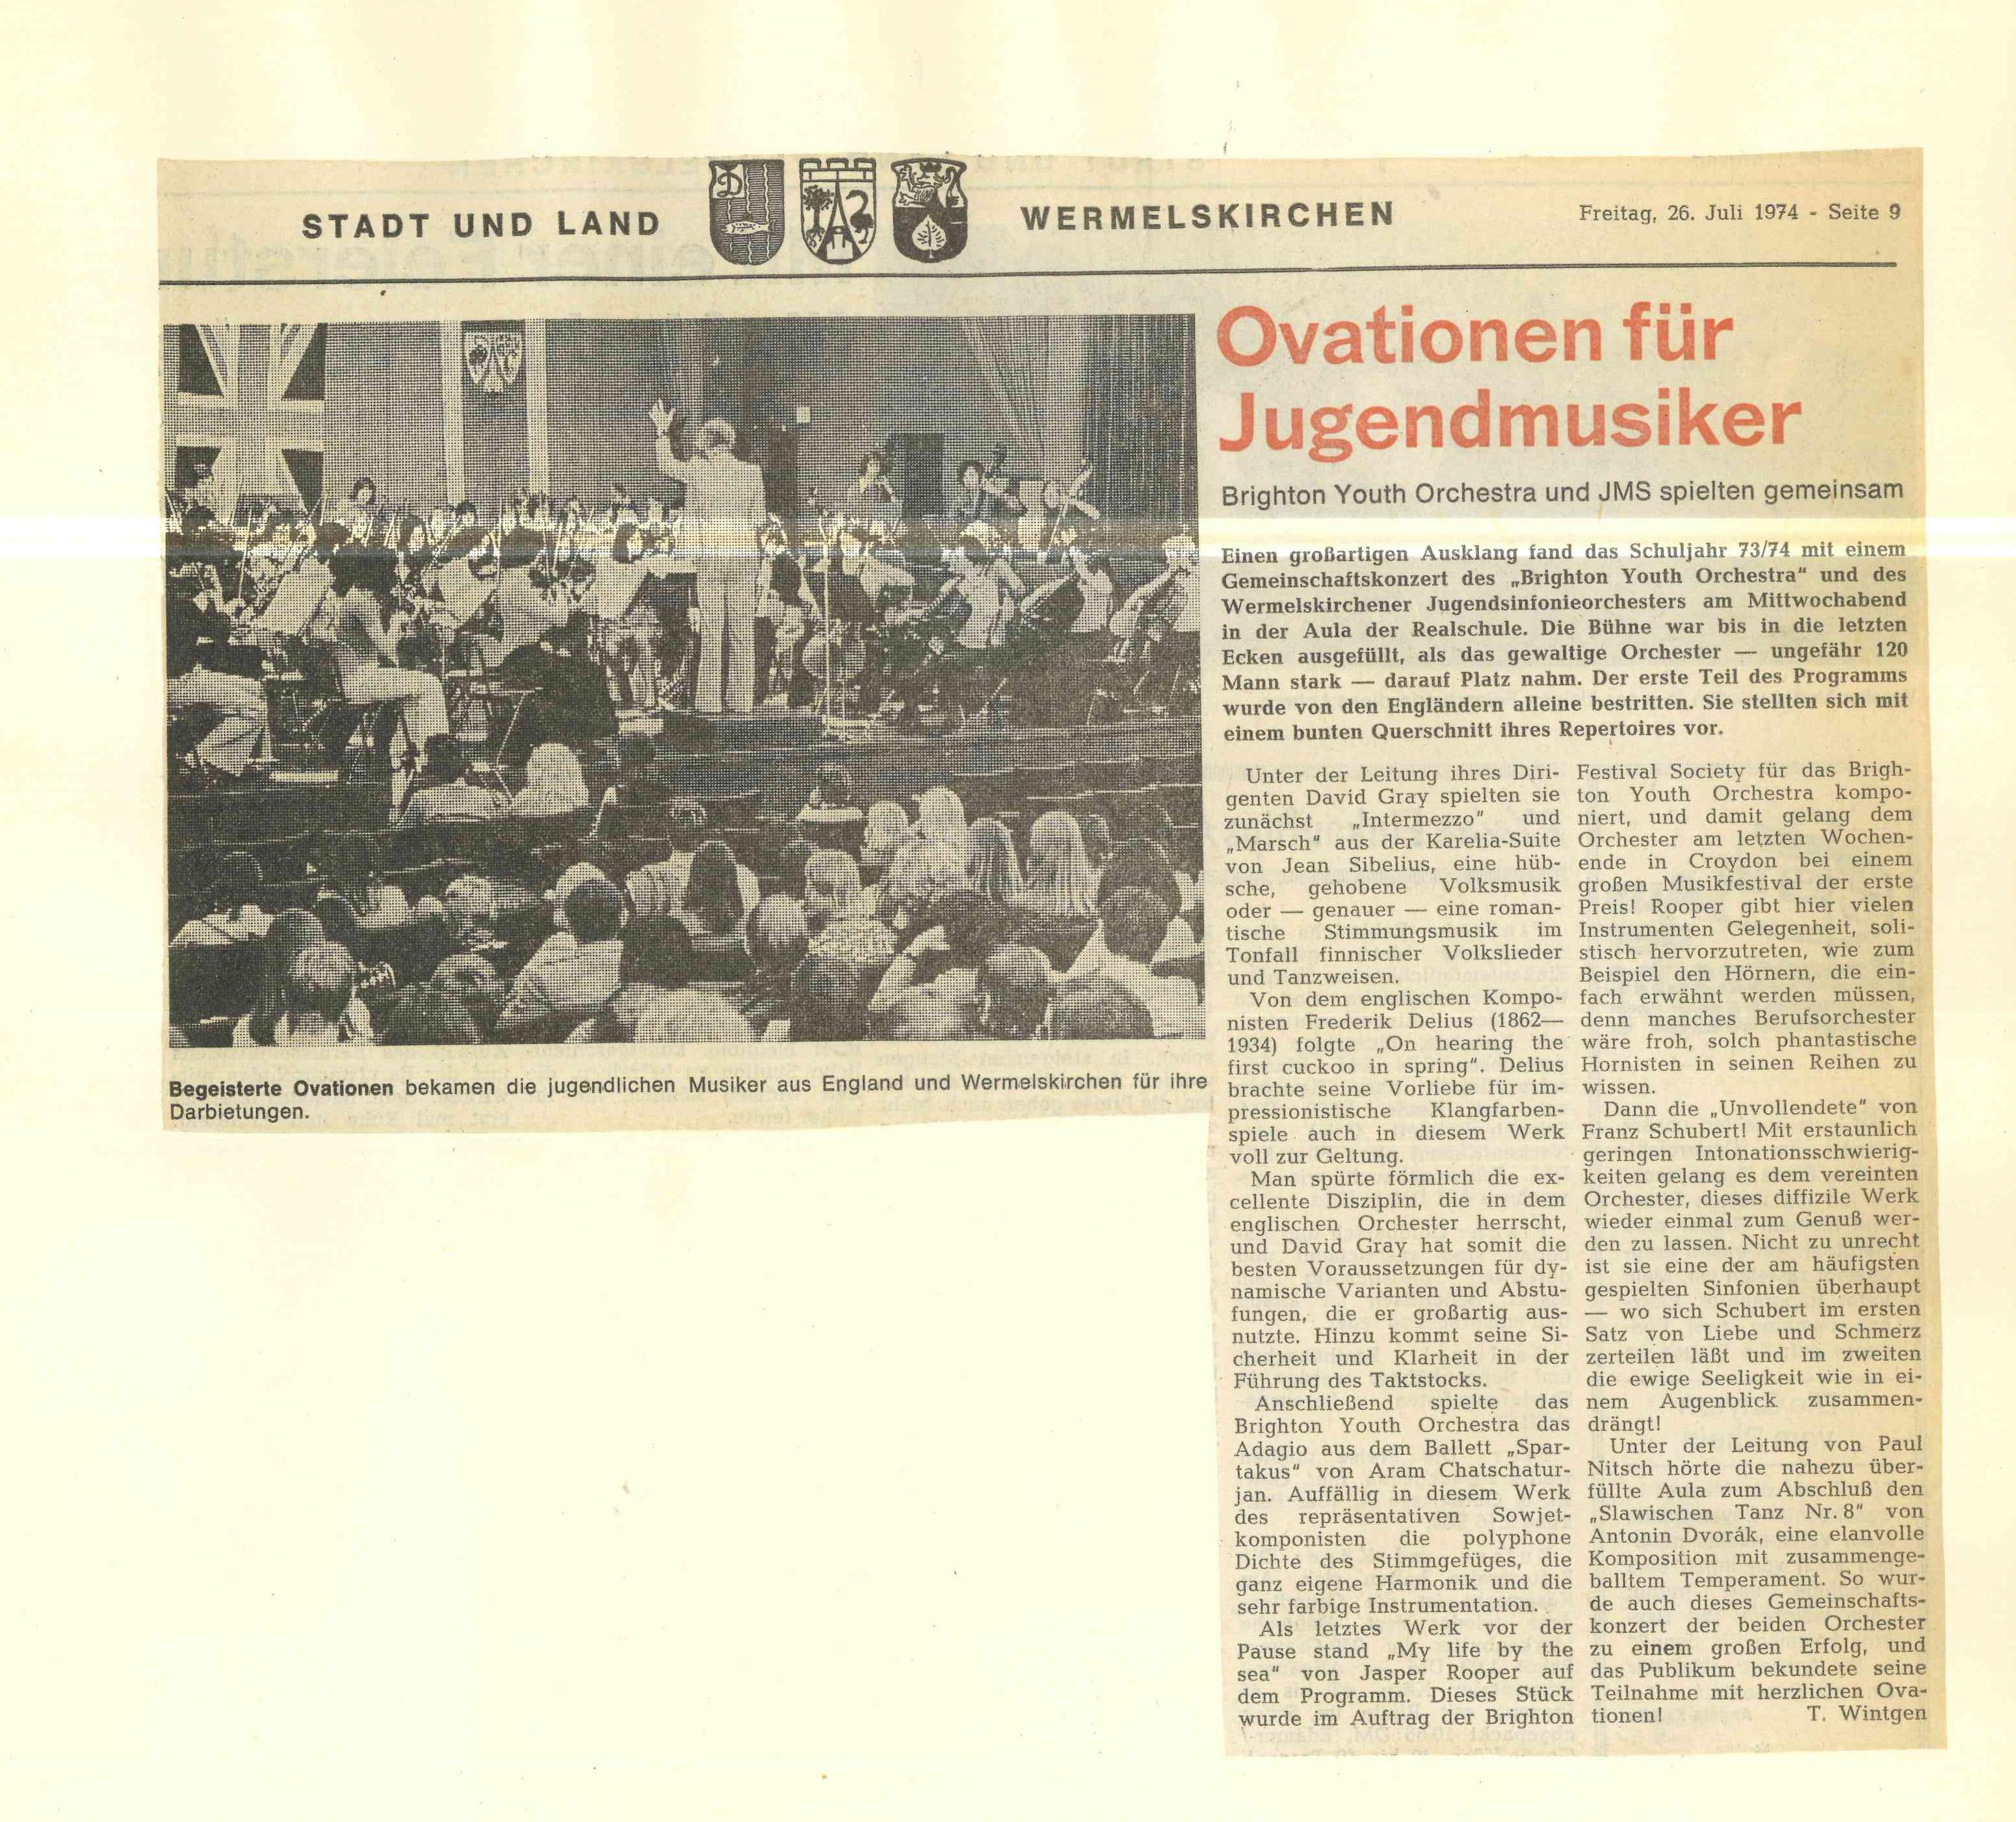 00070-Stadt und Land Wermelskirchen, 26th July 1974.jpg